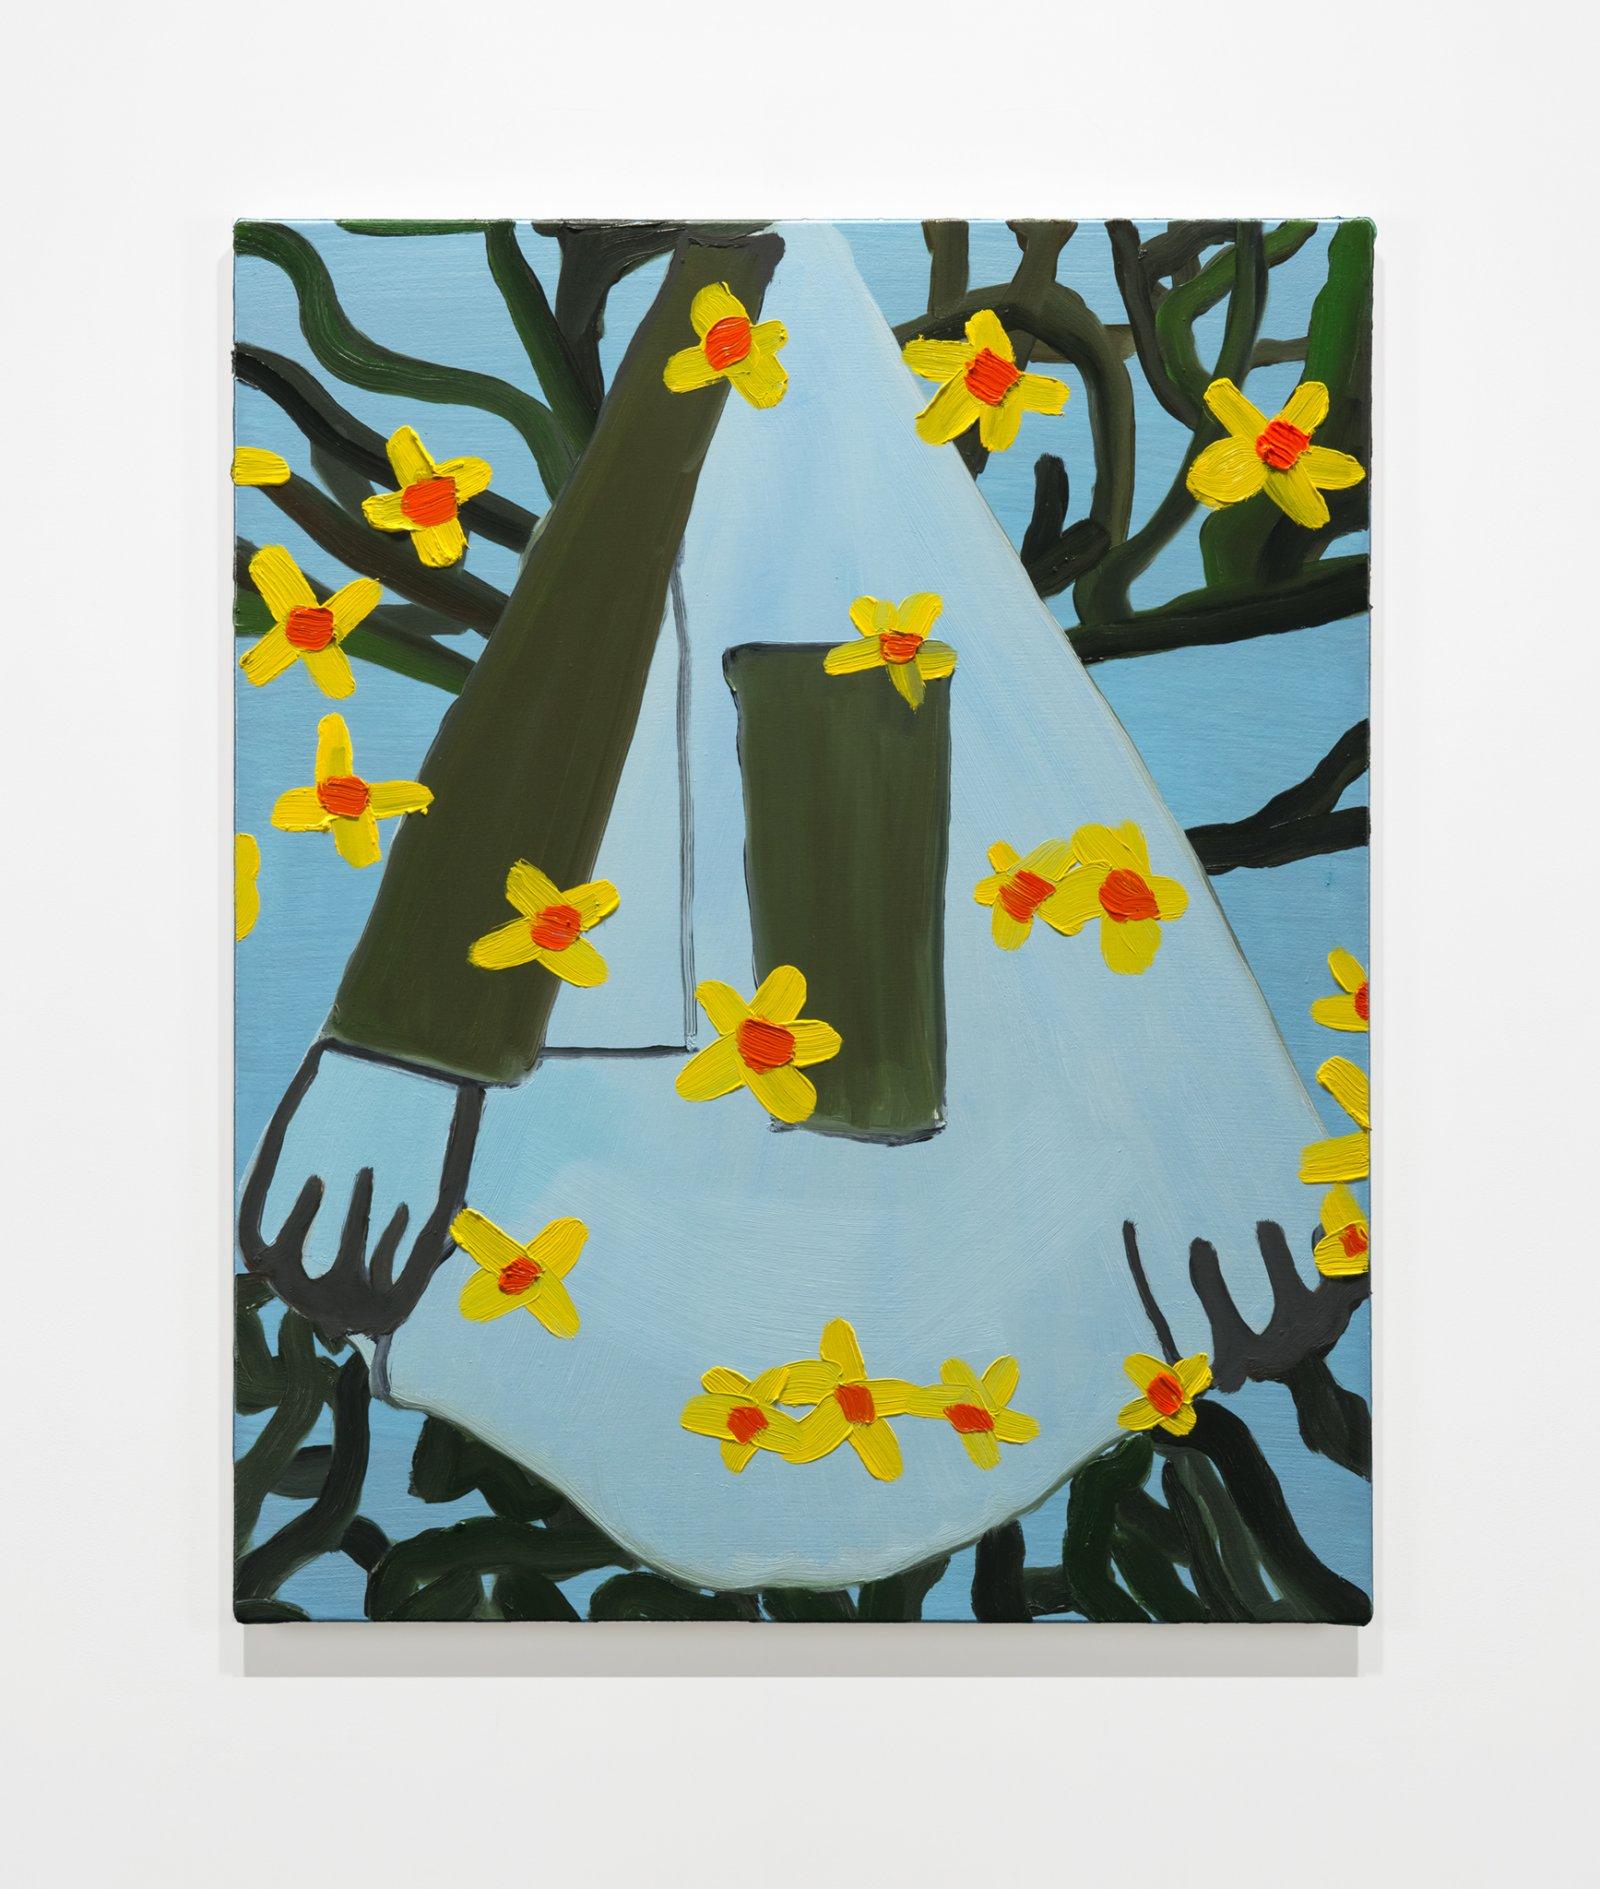 Elizabeth McIntosh, Flower House, 2019, oil on canvas, 24 x 19 in. (61 x 49 cm) by Elizabeth McIntosh